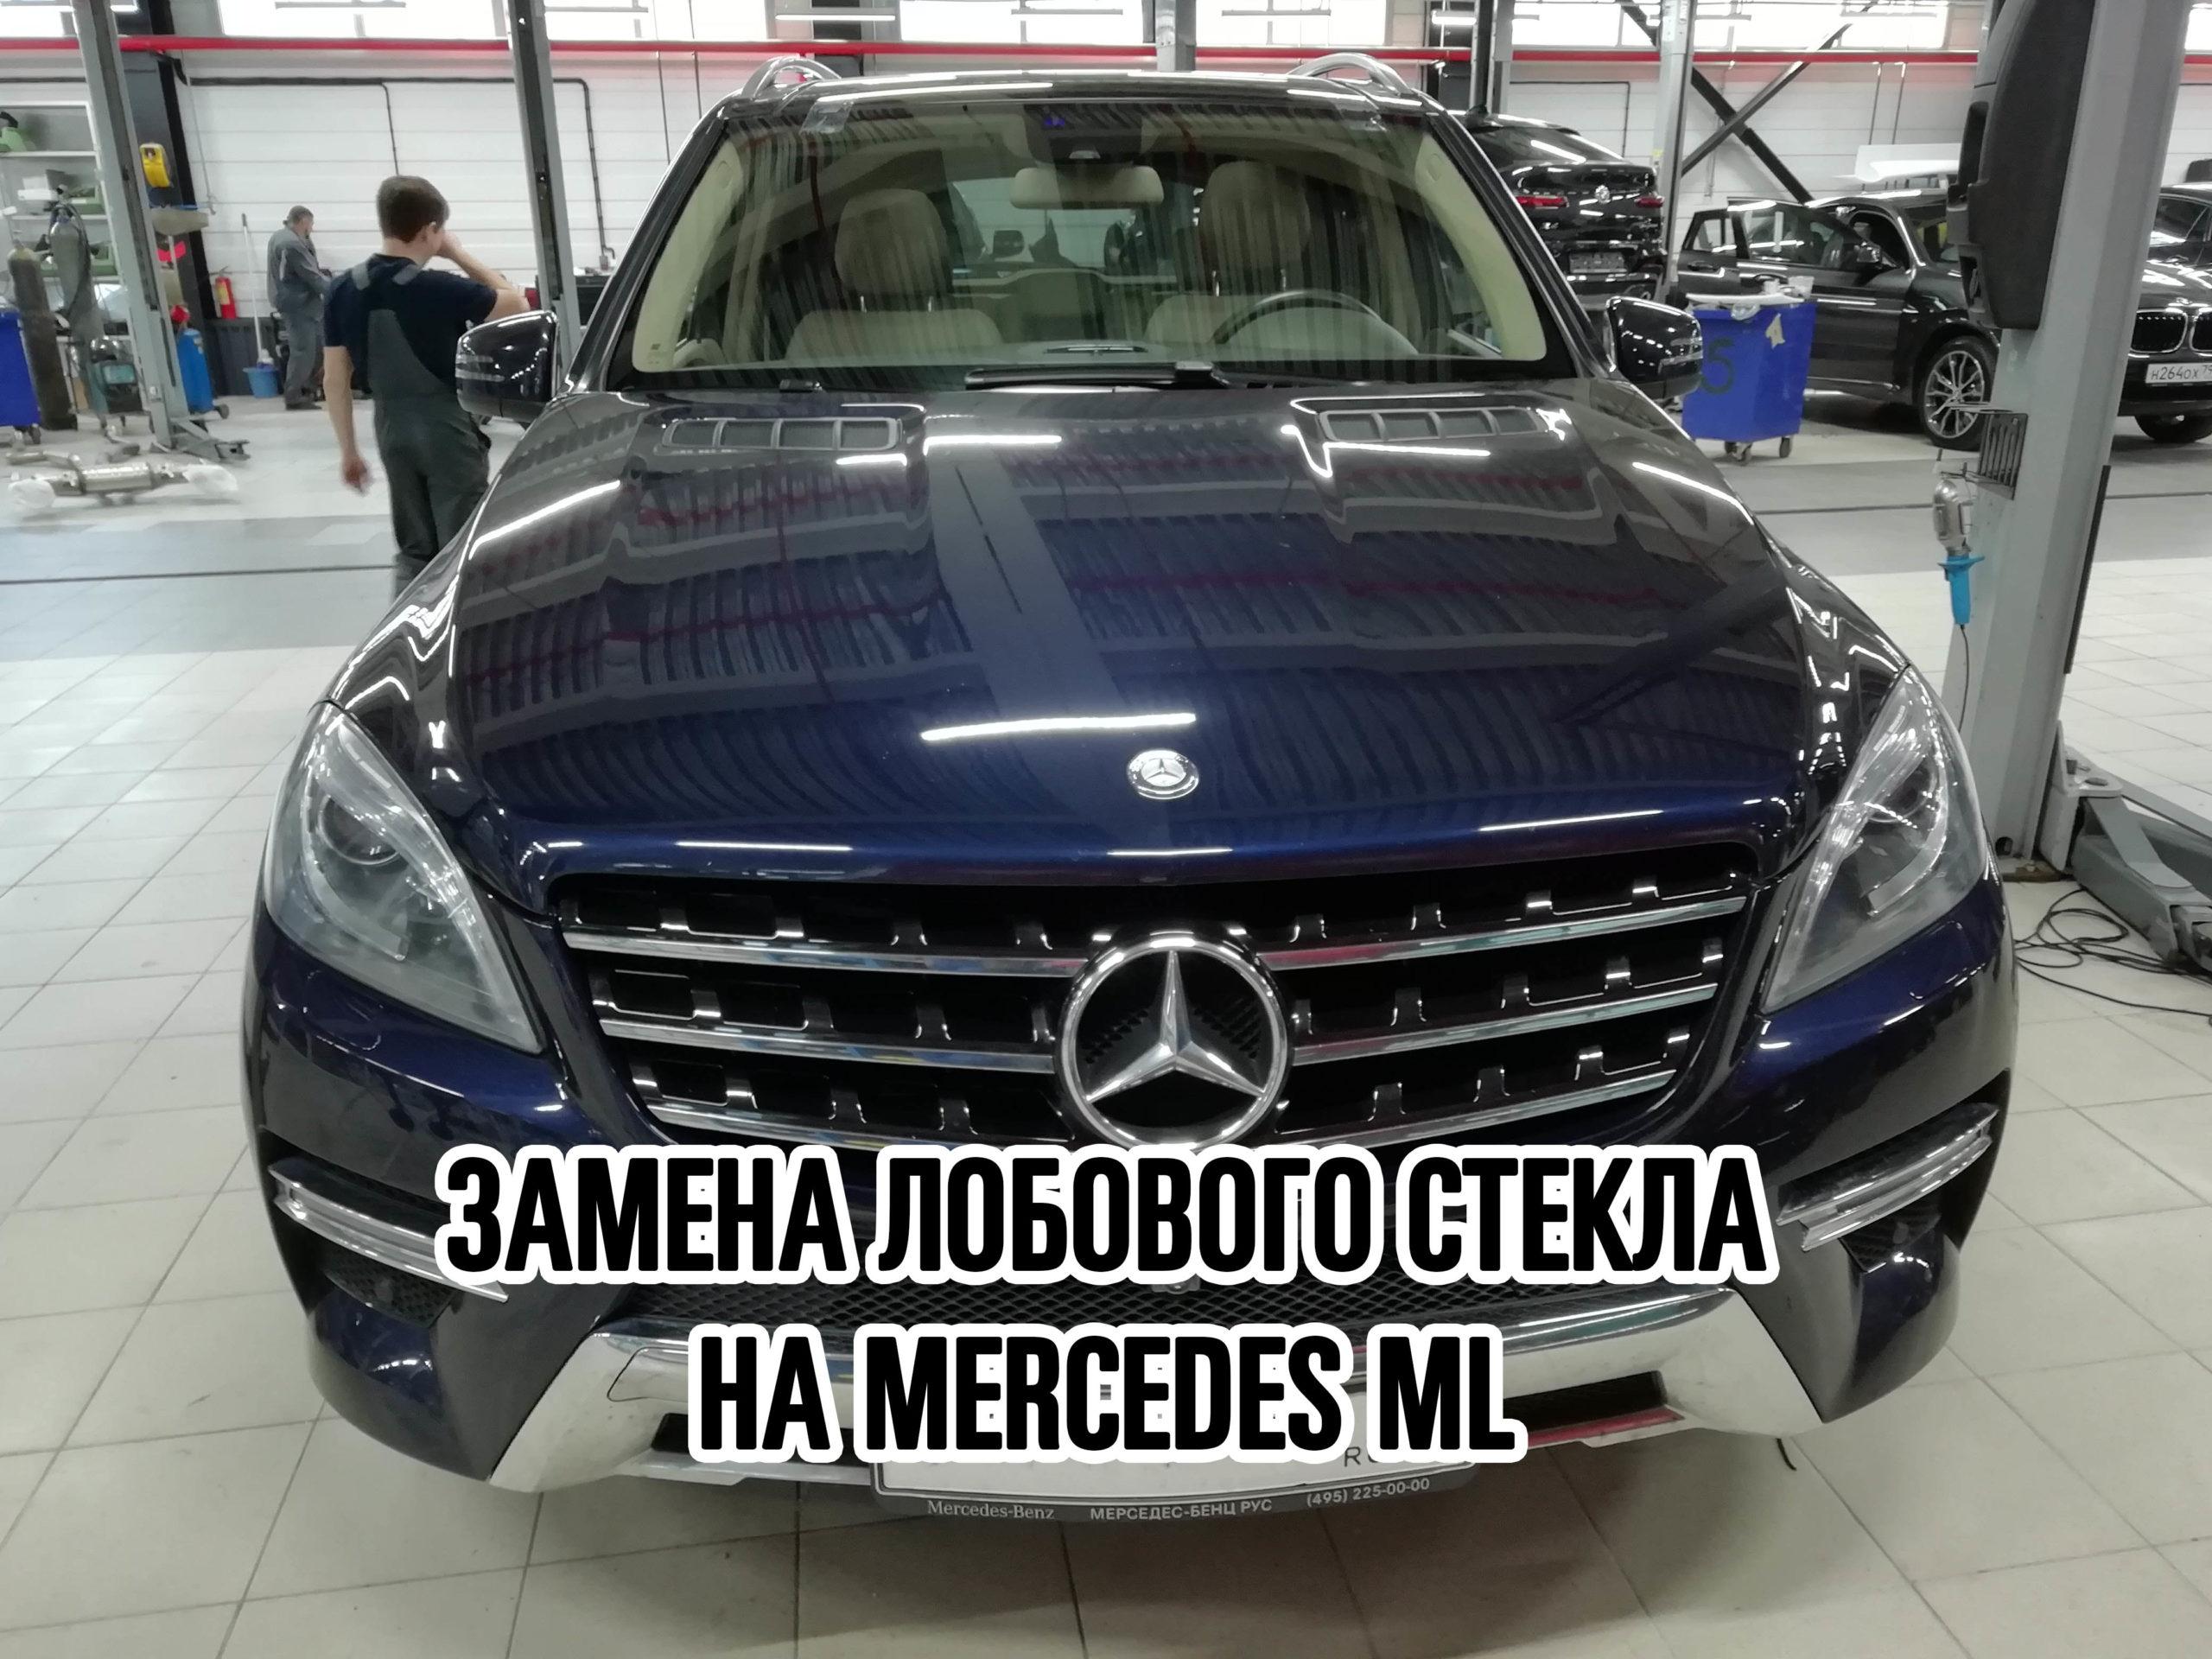 Лобовое стекло на Mercedes ML купить и установить в Москве